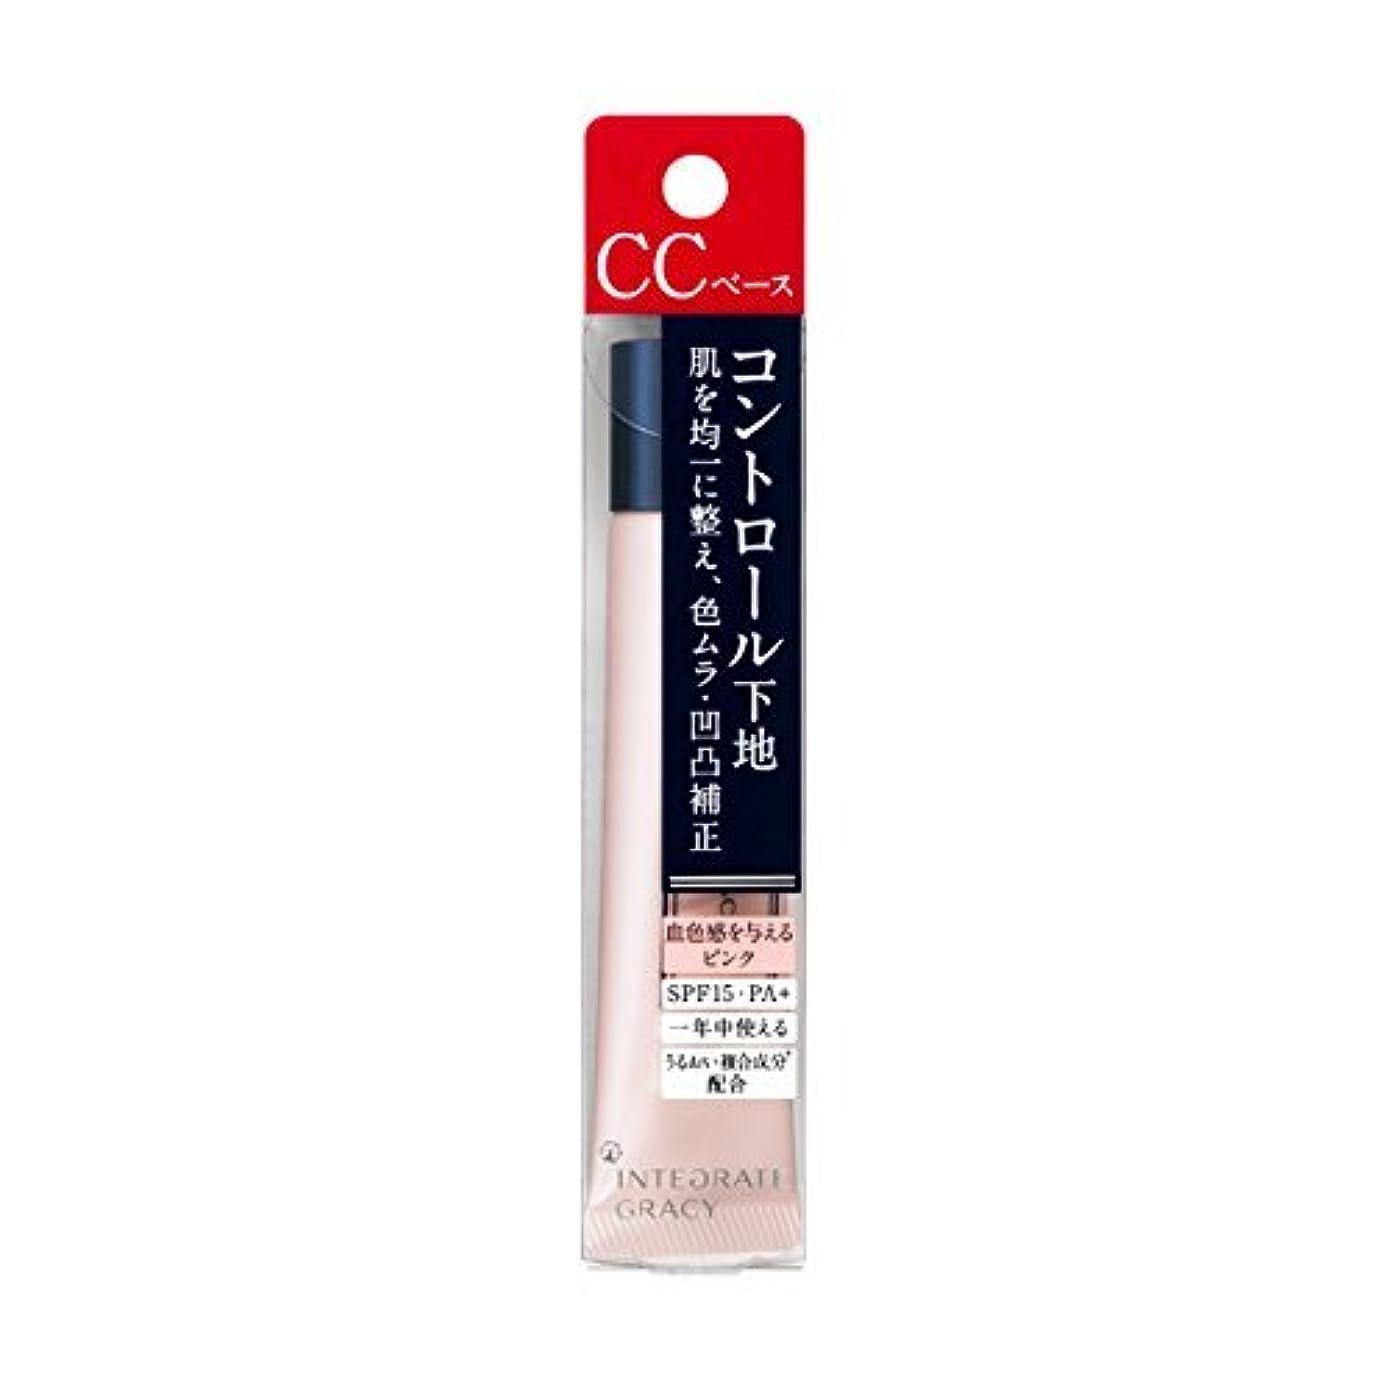 以前はコカイン好意的インテグレート グレイシィ コントロールベース (ピンク) 25g ×6個